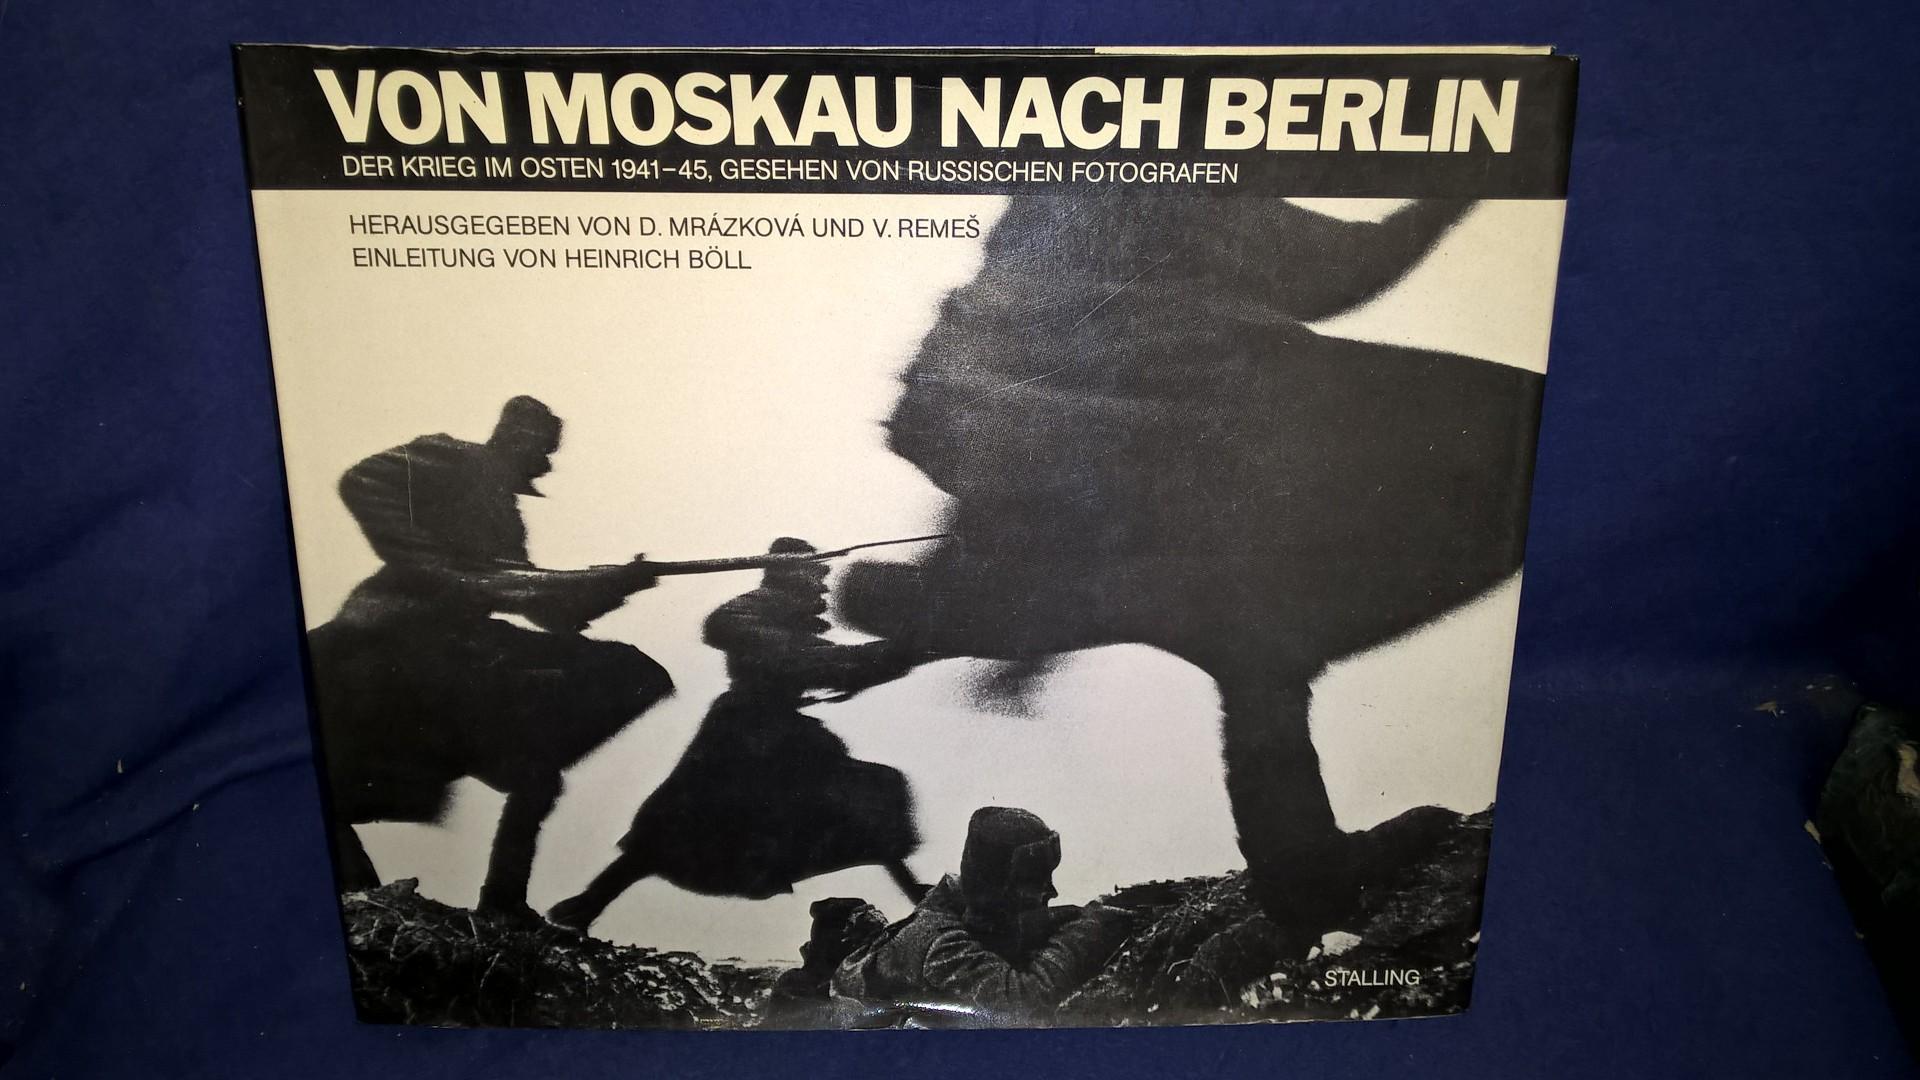 Von Moskau nach Berlin - Der Krieg im Osten 1941 - 45, gesehrn von russischen Fotografen.